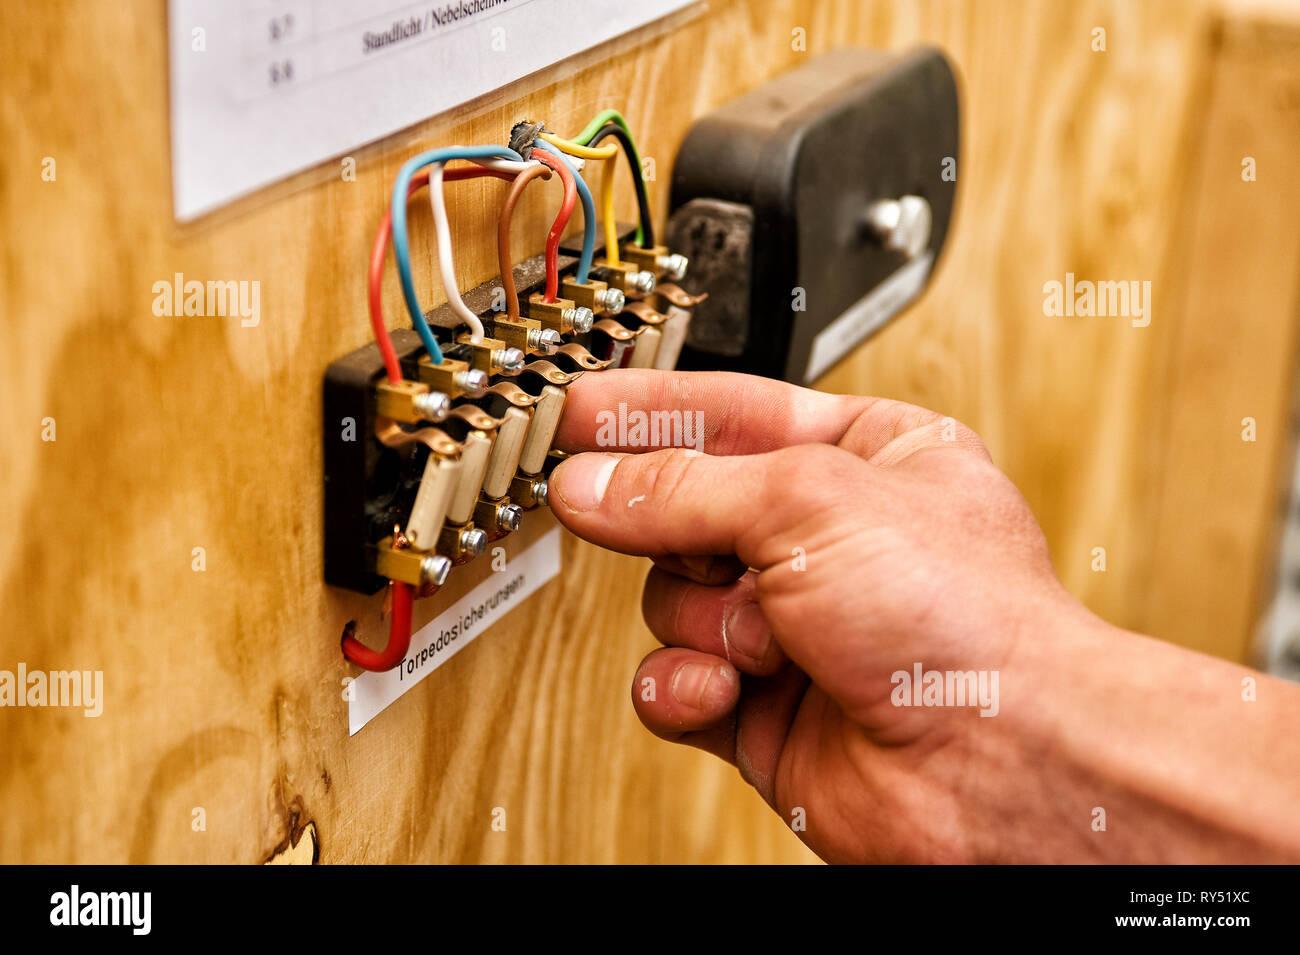 Auszubildender zum KFZ Mechaniker / Mechatroniker wechselt an einer Schautafel eine Torpedosicherung aus. - Stock Image